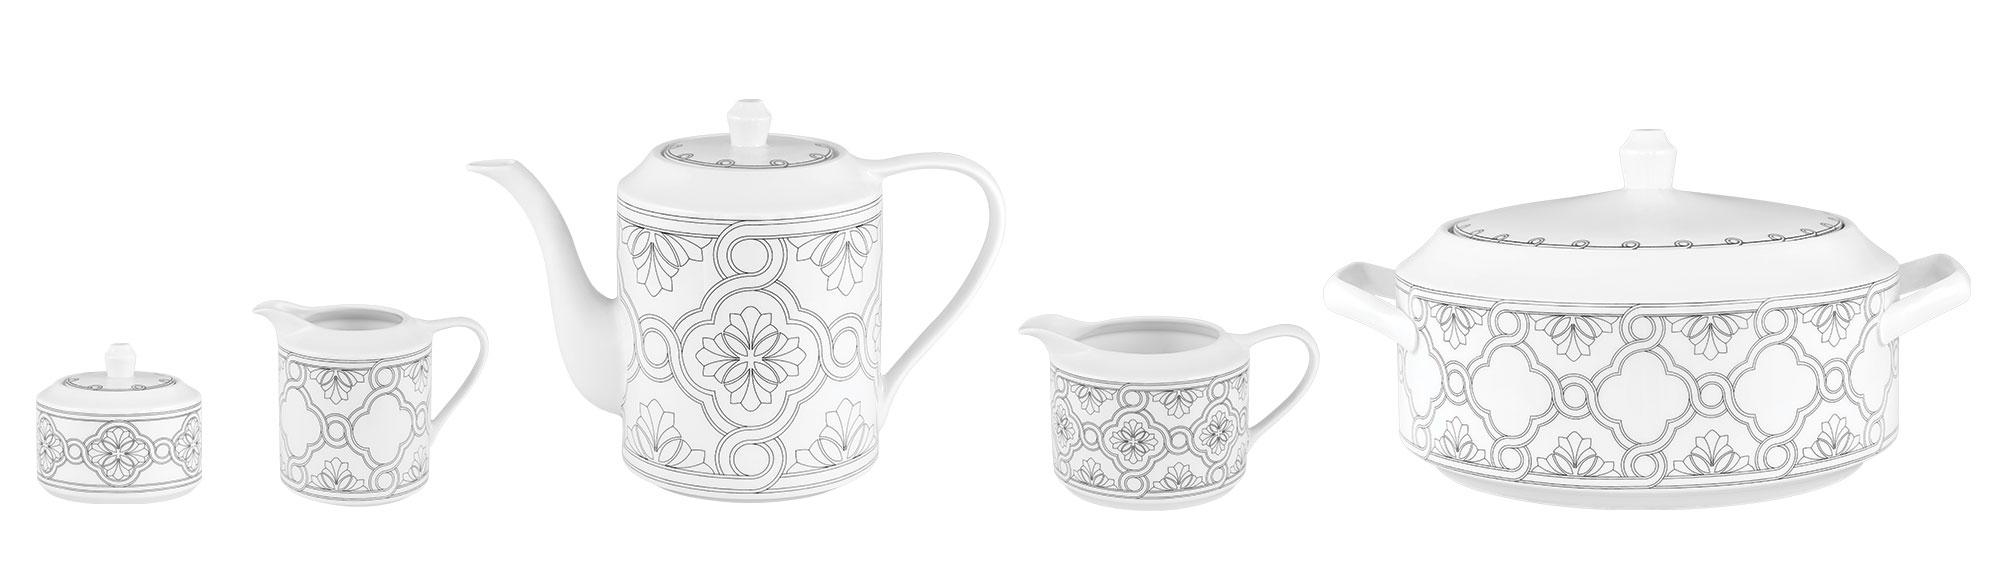 11_PorcelainPieces_Dynasty